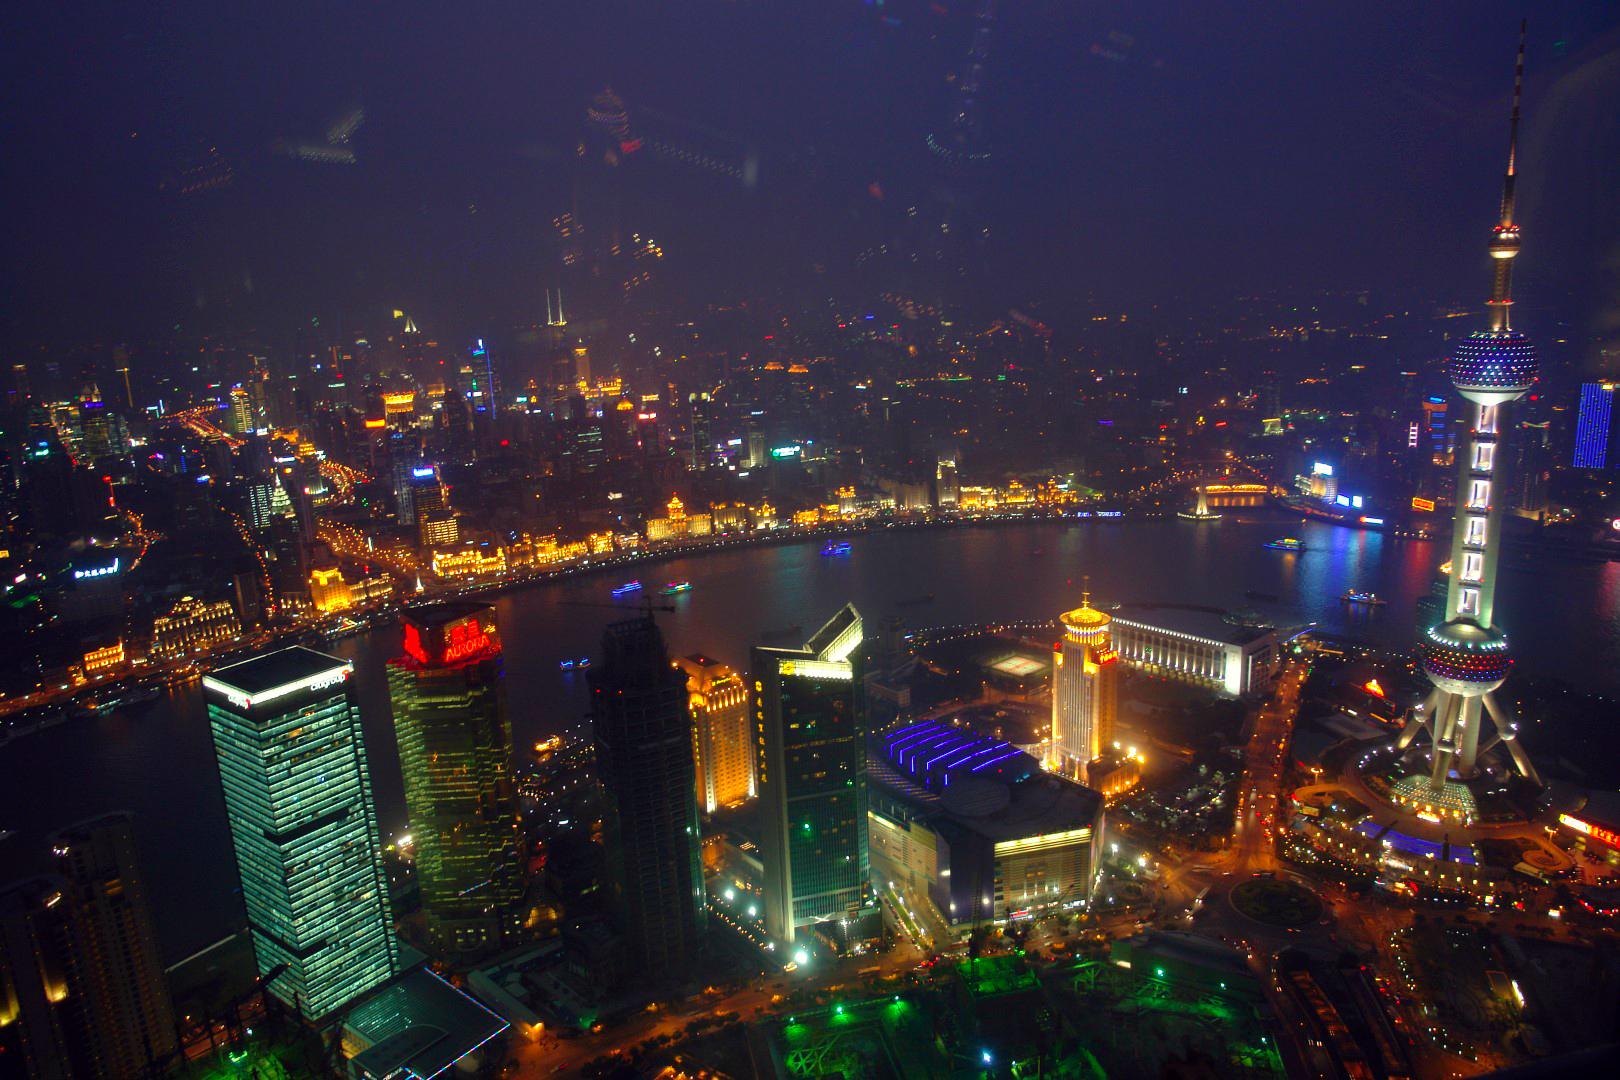 qué ver en Shanghai, China qué ver en shanghai - 32179274150 42d847ab88 o - Qué ver en Shanghai, China